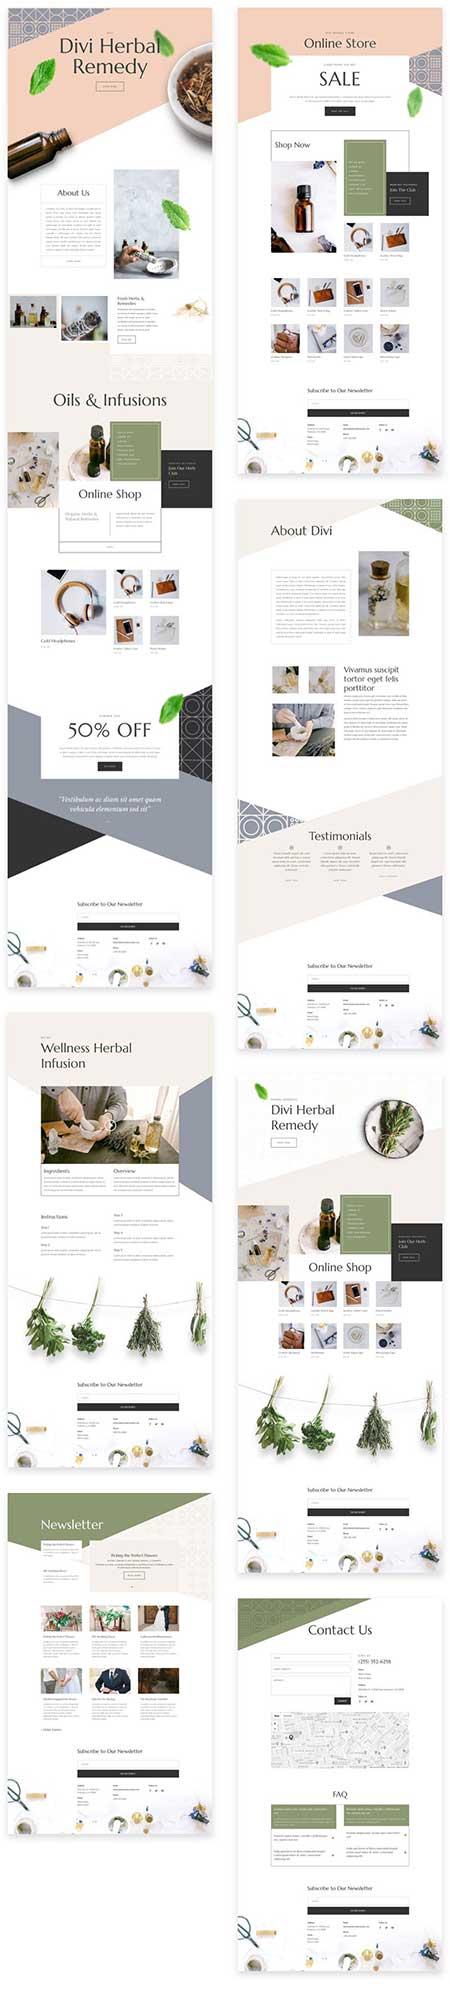 Divi herbal store layouts